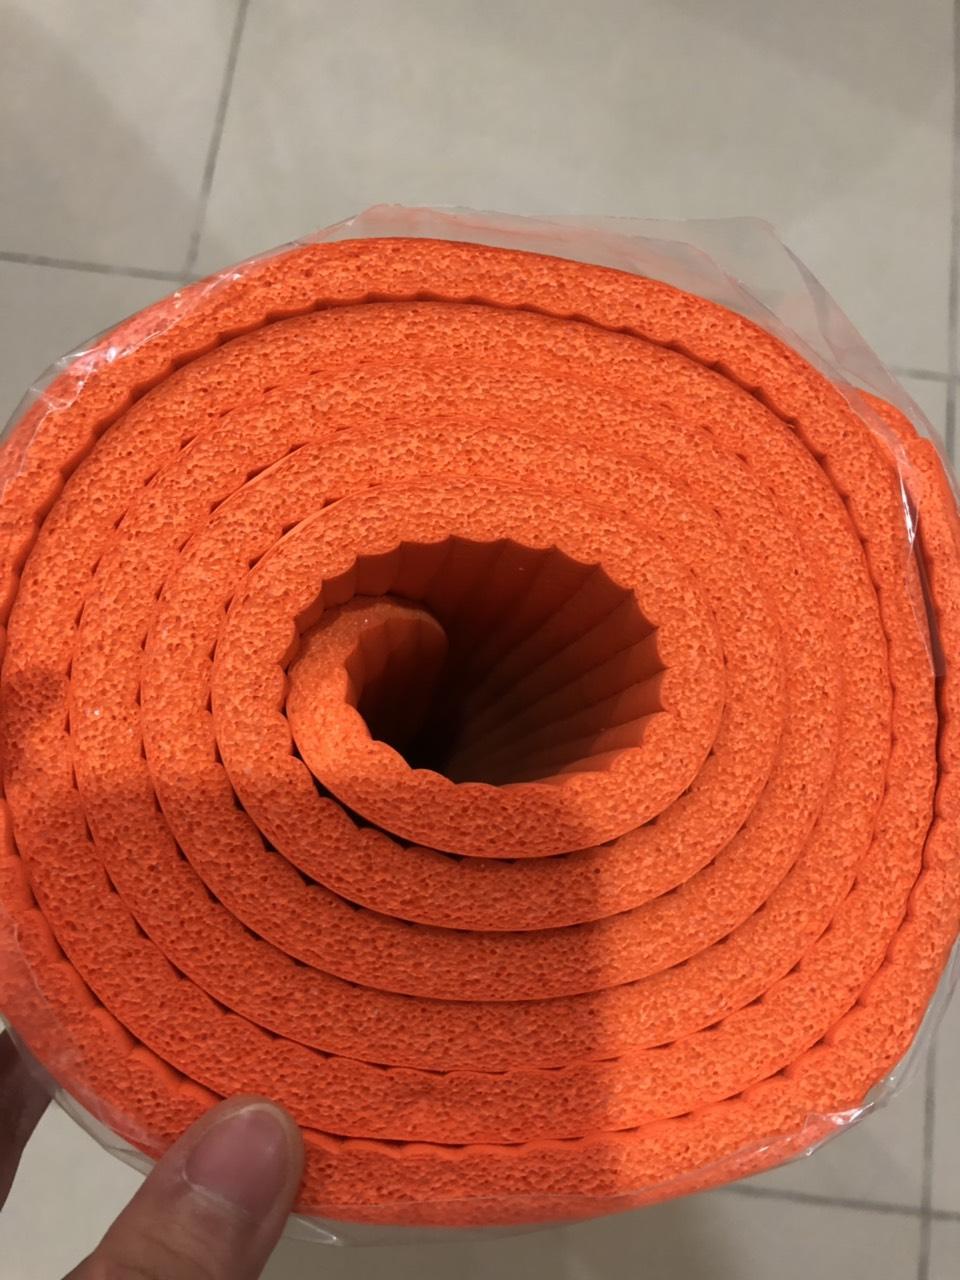 Thảm Yoga Vân Sọc Dày 10mm Kèm Quà Tặng Quai đeo Và Túi đựng Thảm Cùng Giá Khuyến Mãi Hot